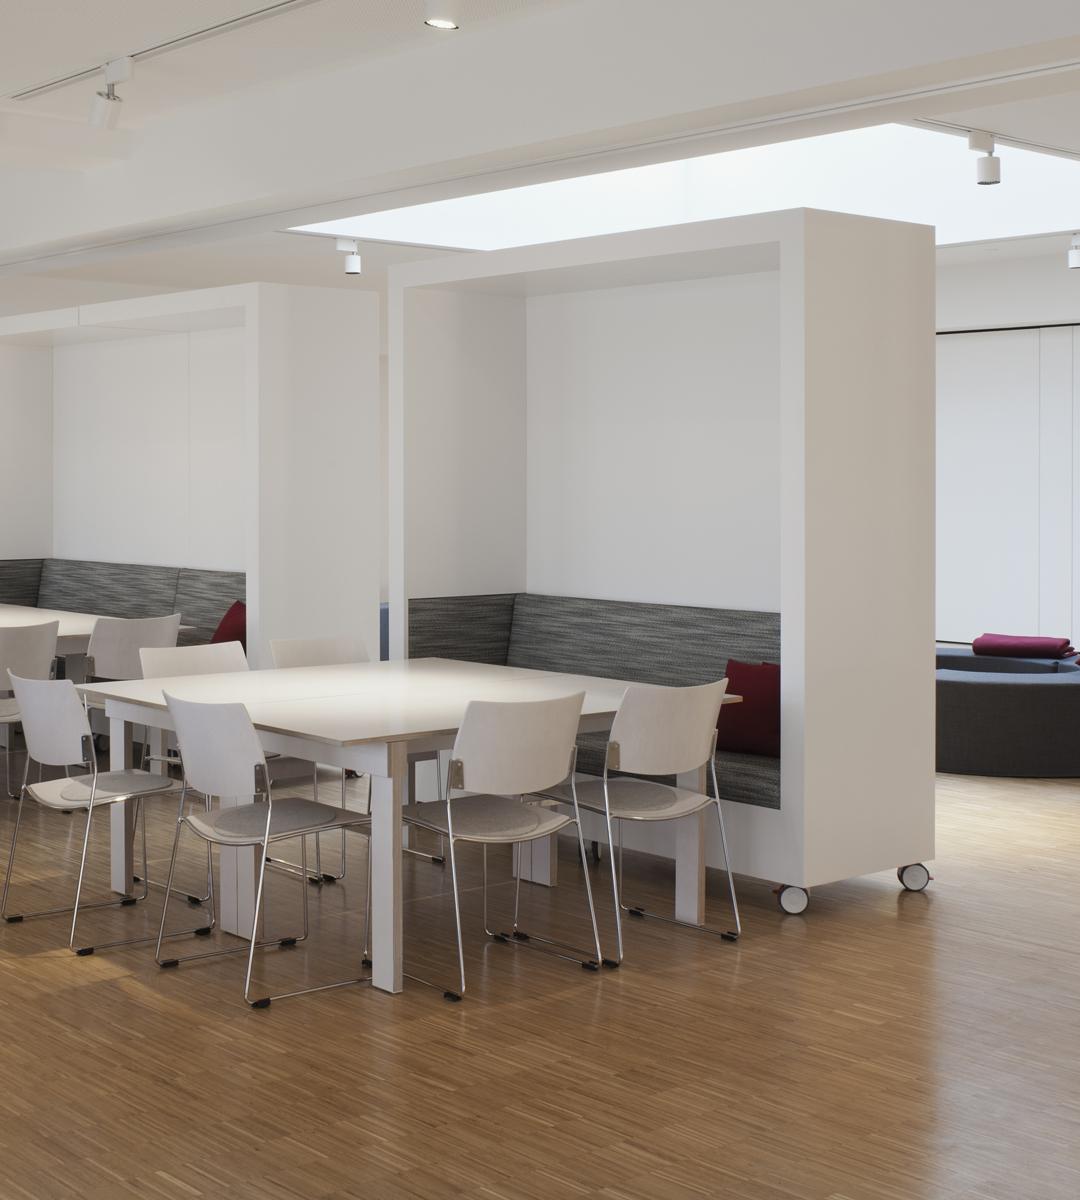 Systelios Privatklinik, Speisesaal mit quadratischen Tischen aus Multiplex mit weißtransparenter Beschichtung, Boden aus robustem Eichen-Lamellenparkett. Leichte Stapelstühle von Brunner mit losen Filzauflagen. Hohe weiße Sitznischen auf Rollen grenzen als Raumteiler die Sitzgruppen zur dahinter liegenden Aktionsfläche ab. Mit ihnen lassen sich spontan neue Räume bilden. Deckenstrahler spenden fokussiertes Licht auf den Tischen. Bild: Werner Huthmacher